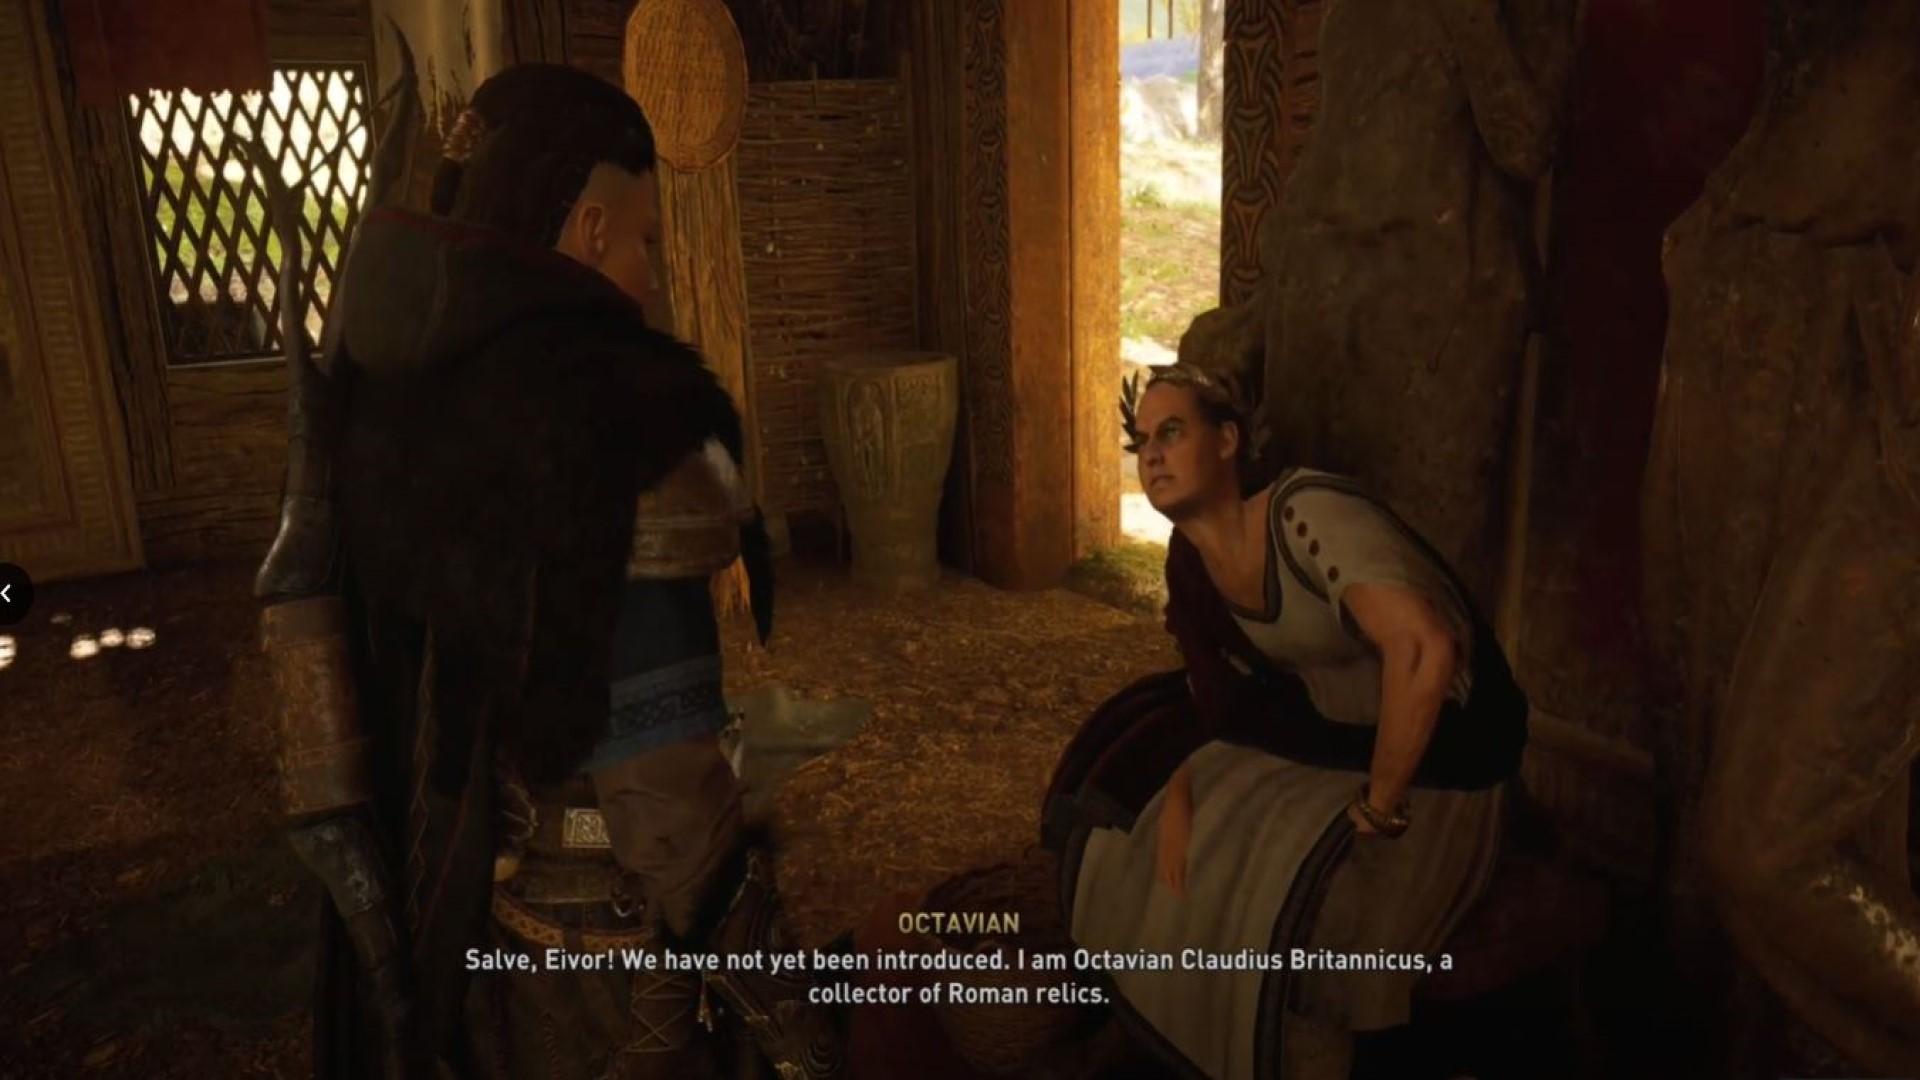 Eivor meets Octavian in his Roman museum of sorts.